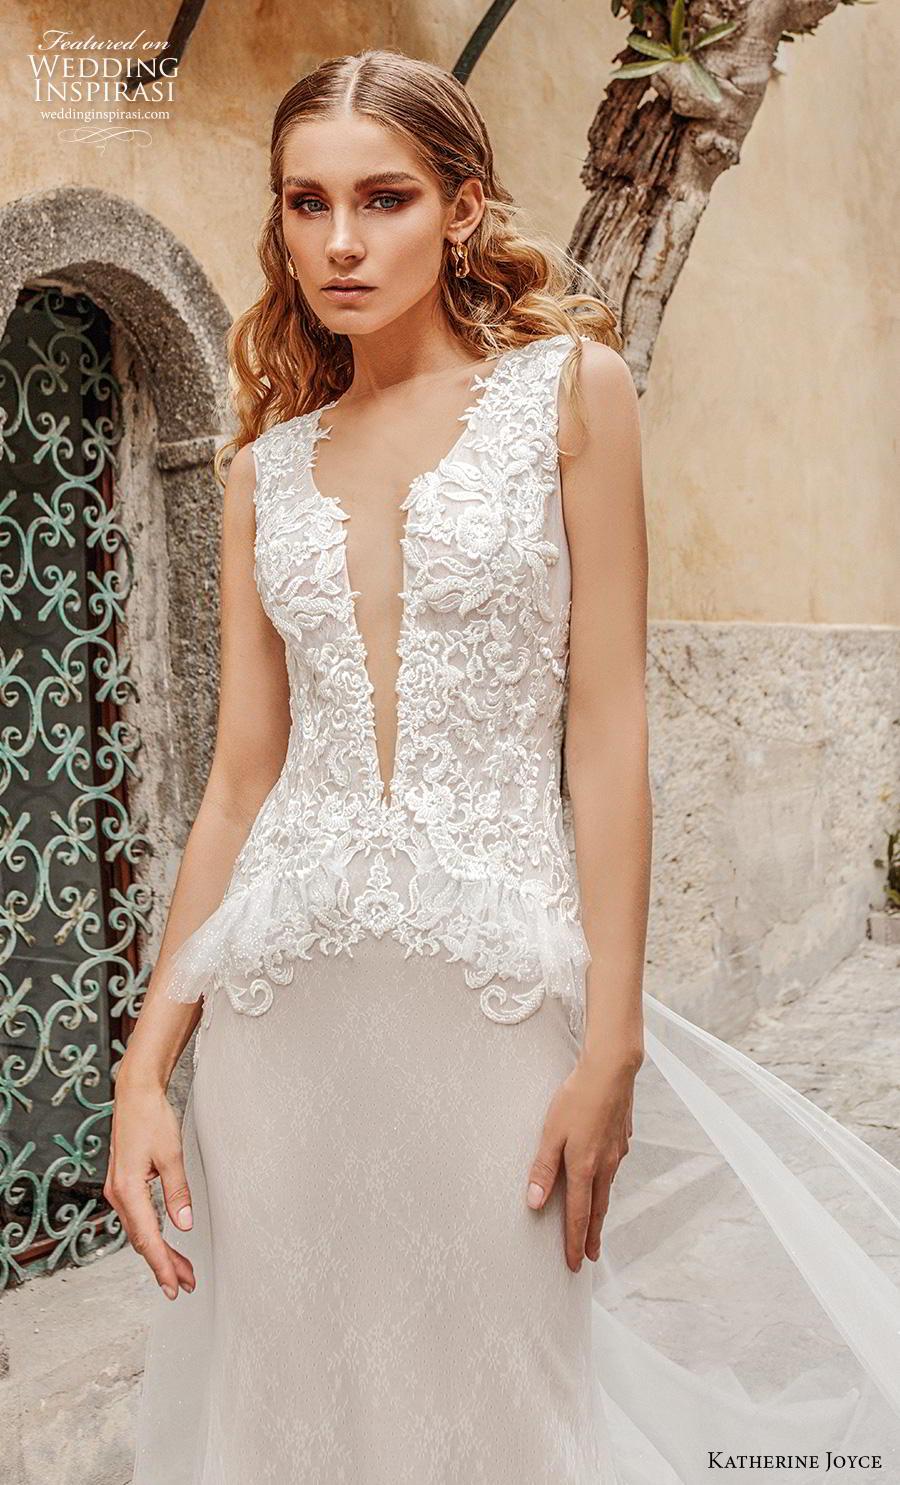 katherine joyce 2019 bridal sleeveless deep plunging v neck heavily embellished bodice peplum romantic sheath wedding dress covered back chapel train (5) zv